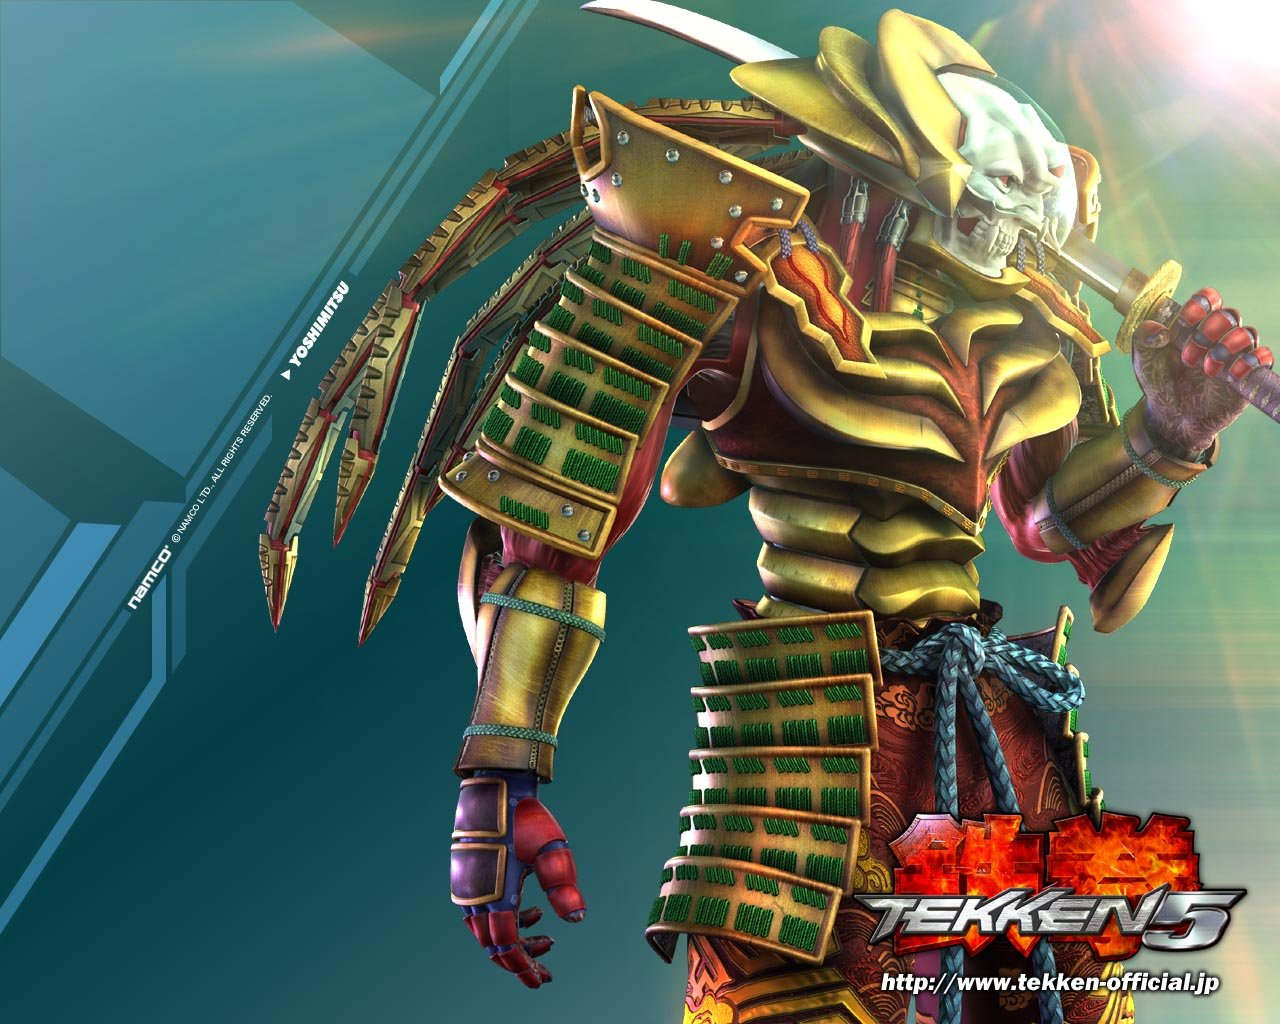 Yoshimitsu Tekken 6 Wallpaper Tekken 6 Yoshimitsu Wa...